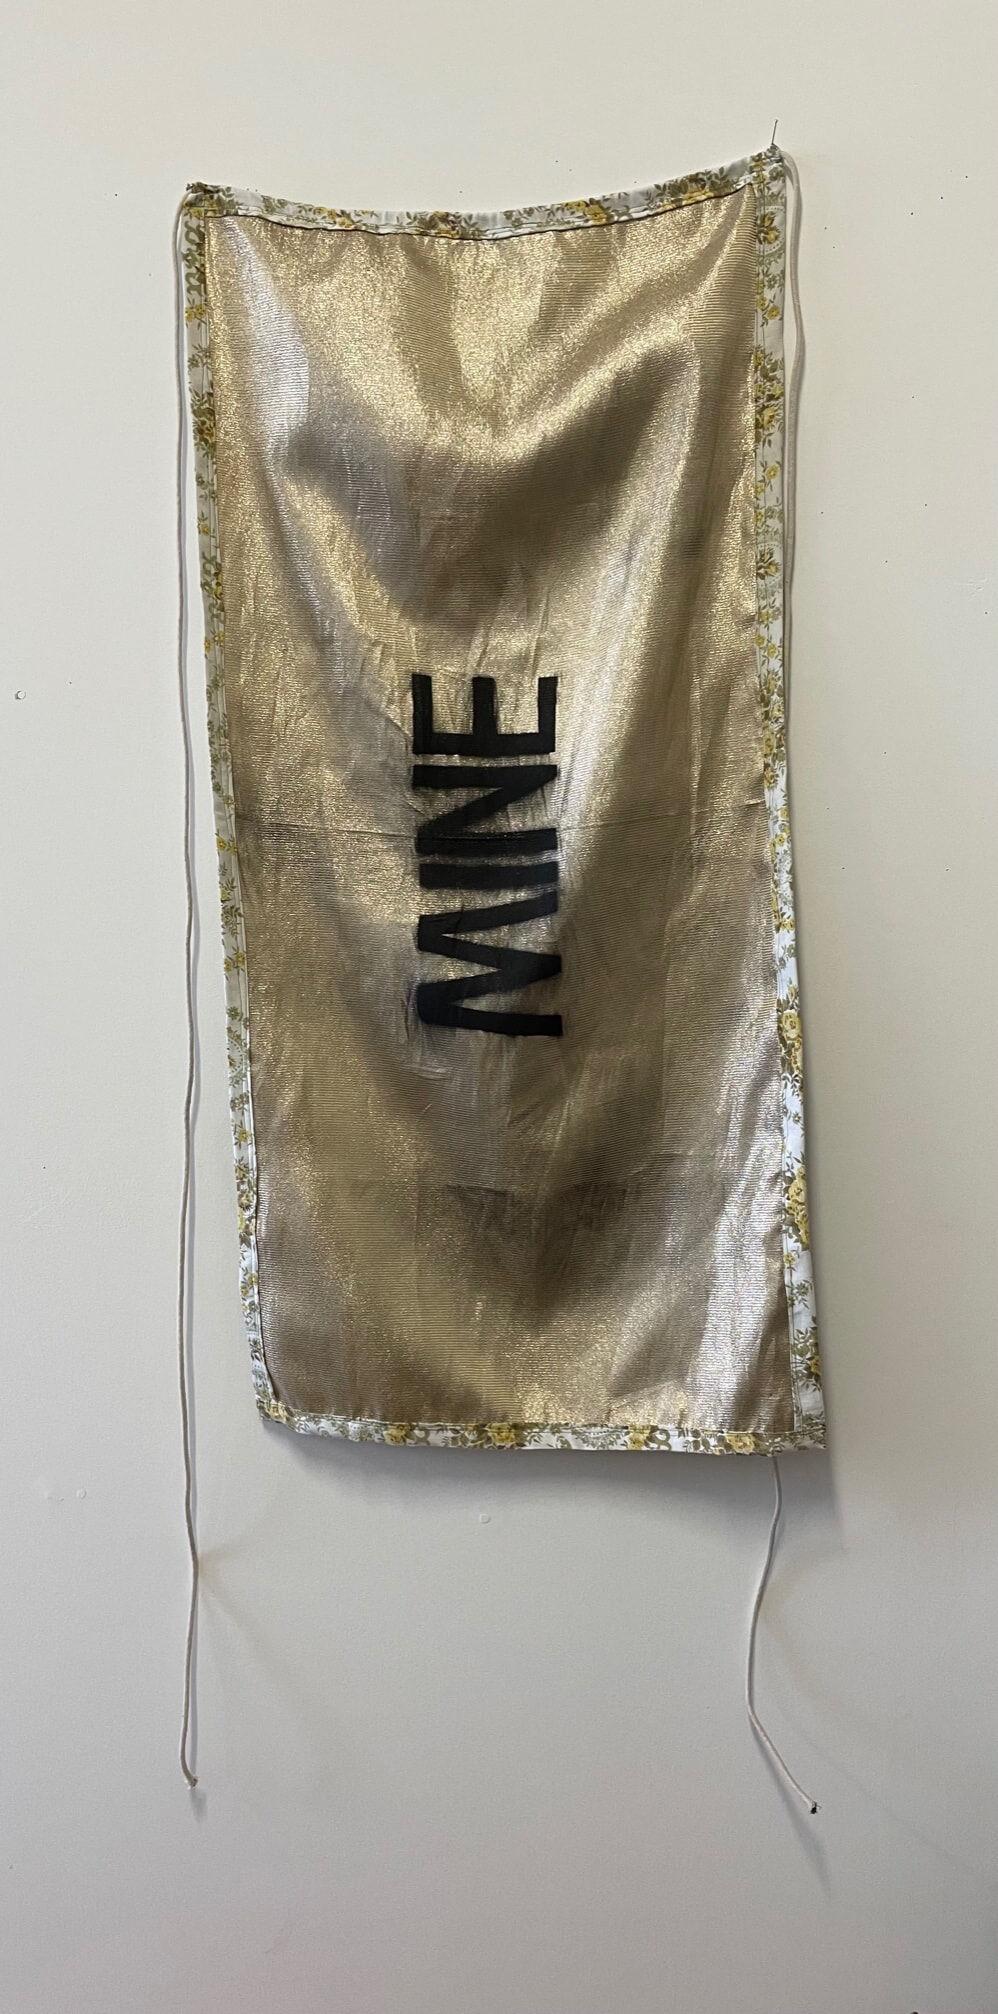 Flag back: MINE